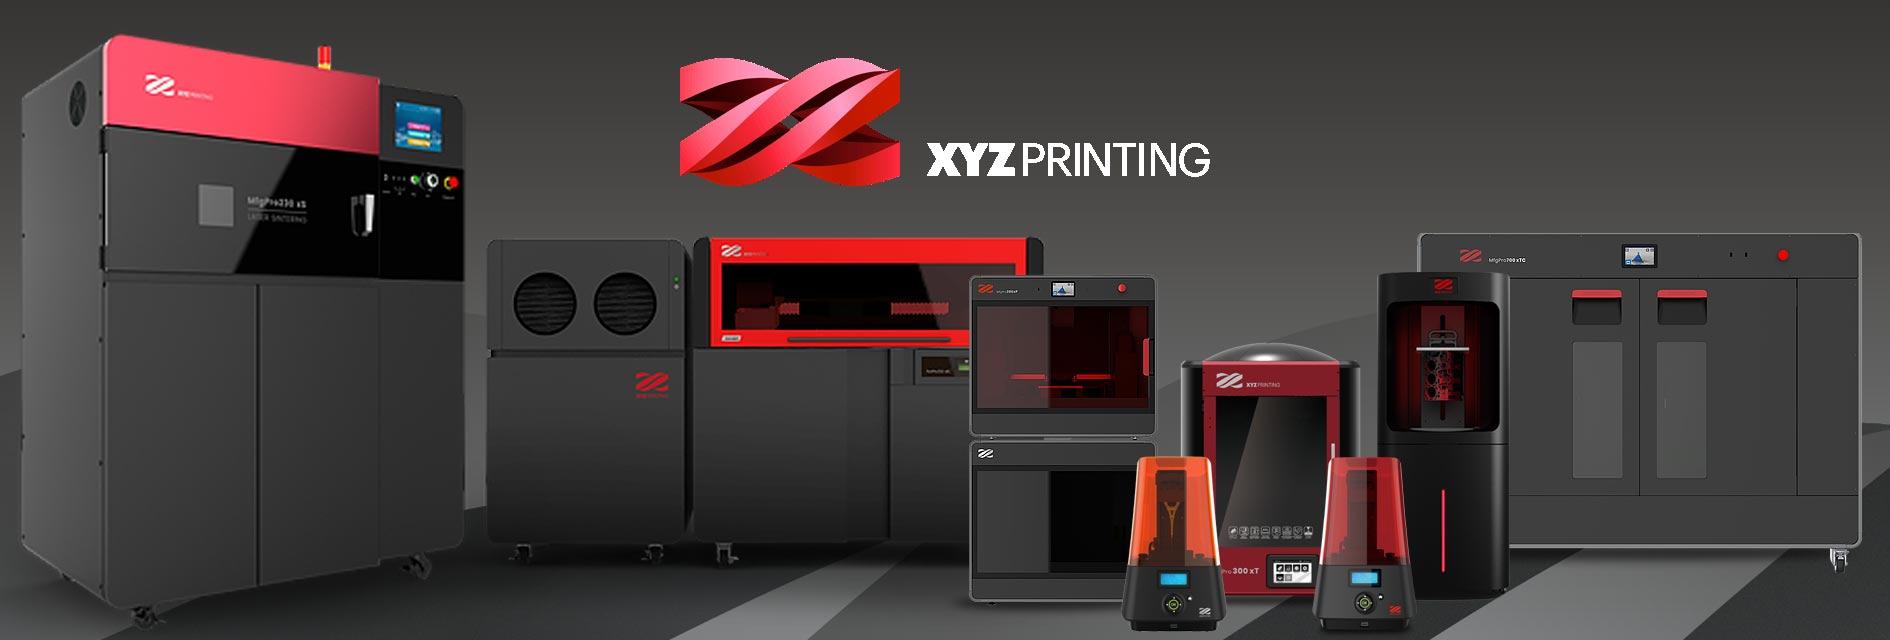 Ihre XYZprinting, MakerBot, Formlabs und Sinterit 3D Drucker Schweiz Reseller, Support und Bildungs Webseite. 3D Drucker und Schulungen aus Zürich für Schule, Bildungsinstitutionen, Unternehmen und Private.